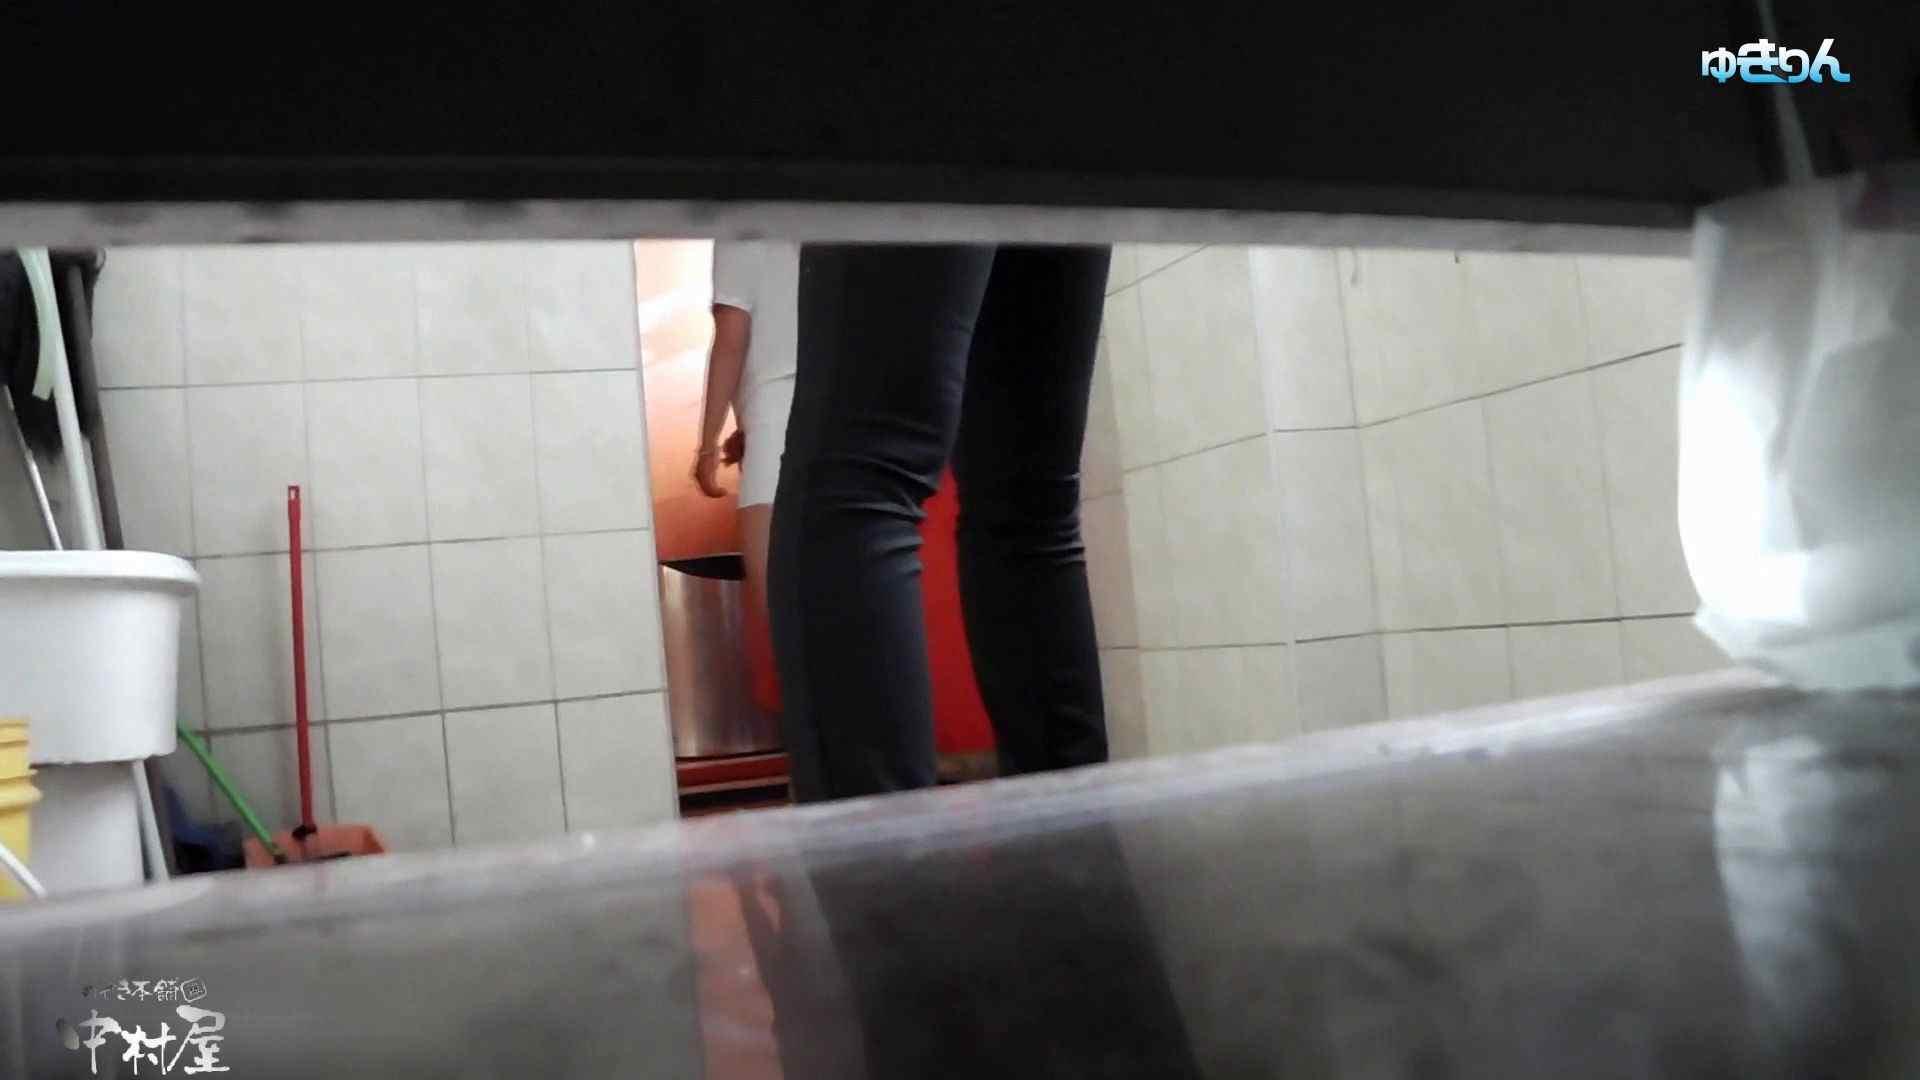 世界の射窓から~ステーション編 vol60 ユキリン粘着撮り!!今回はタイトなパンツが似合う美女 0 | 0  82pic 61